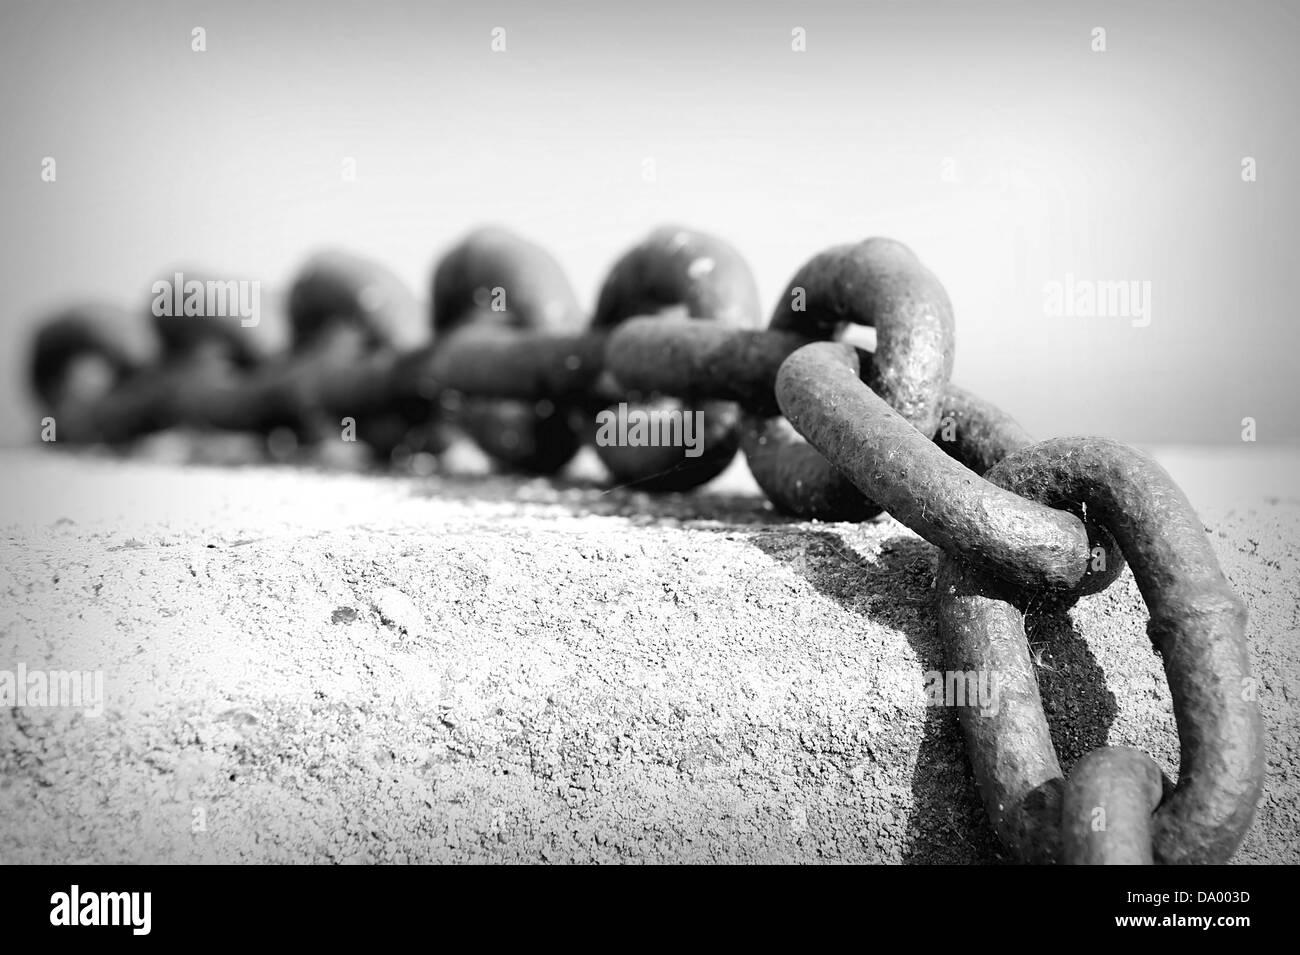 Cerca de la antigua cadena oxidada, profundidad de campo Imagen De Stock